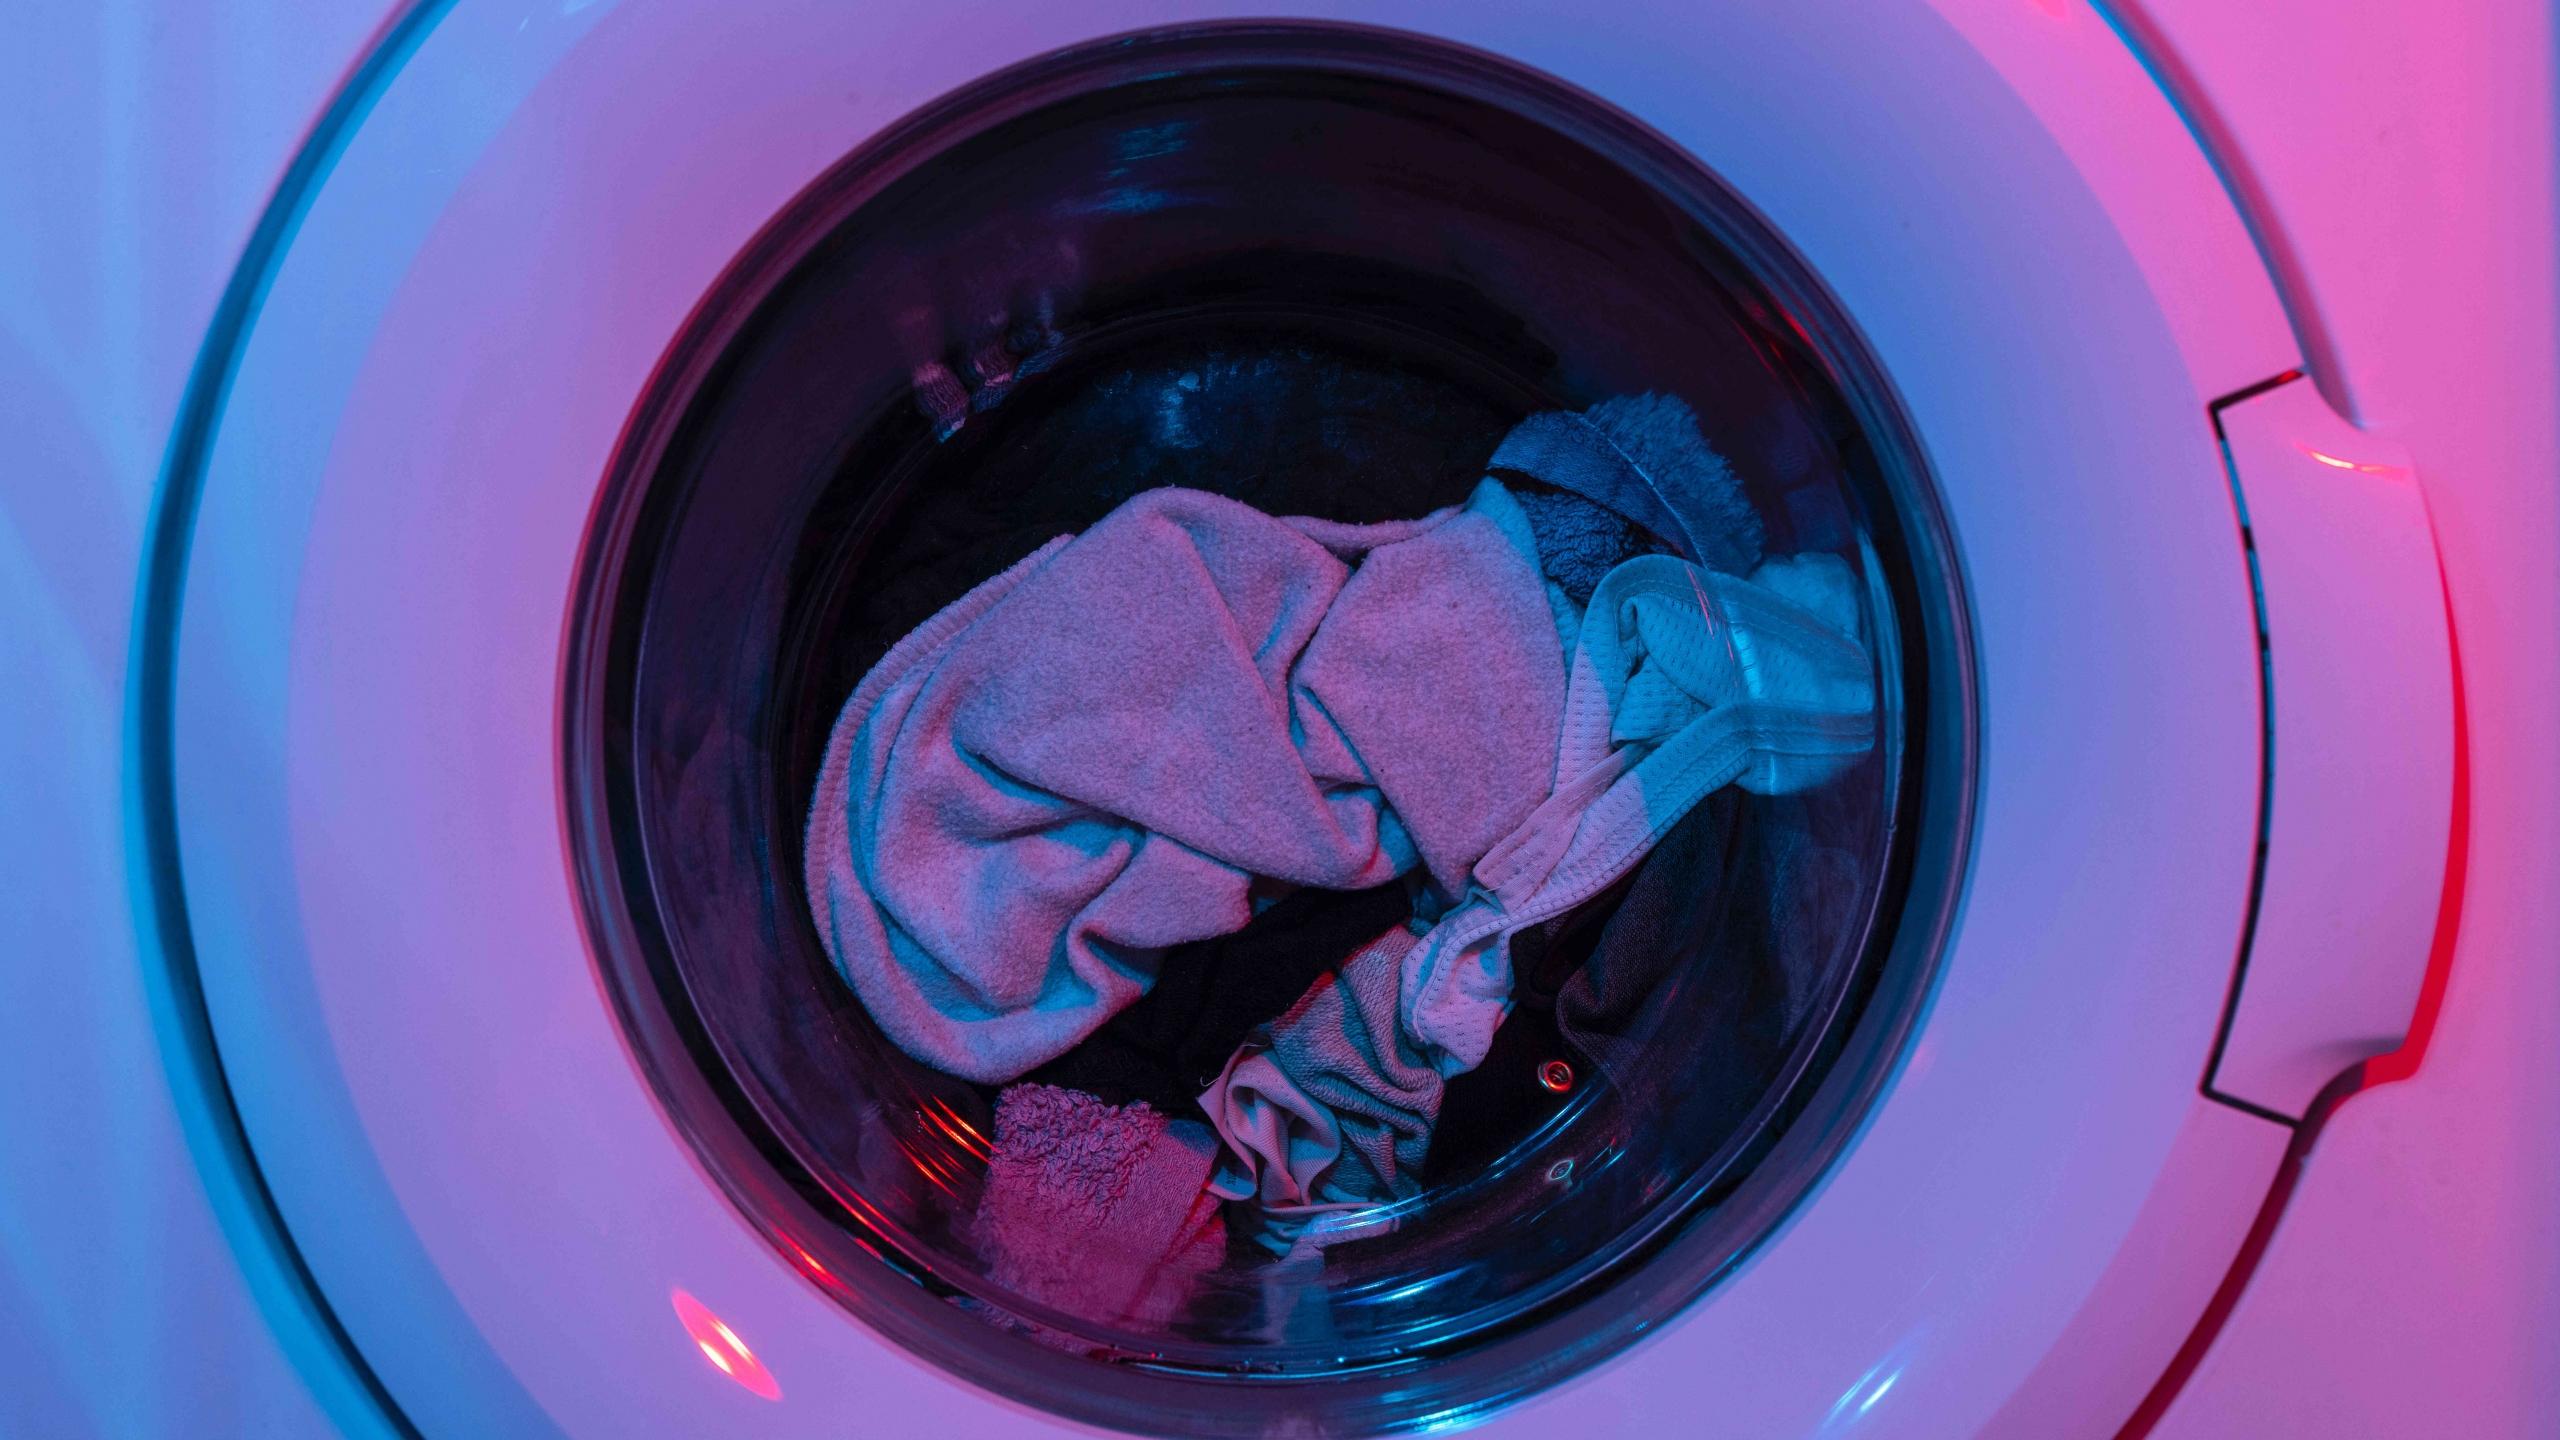 Periodenunterwäsche waschen